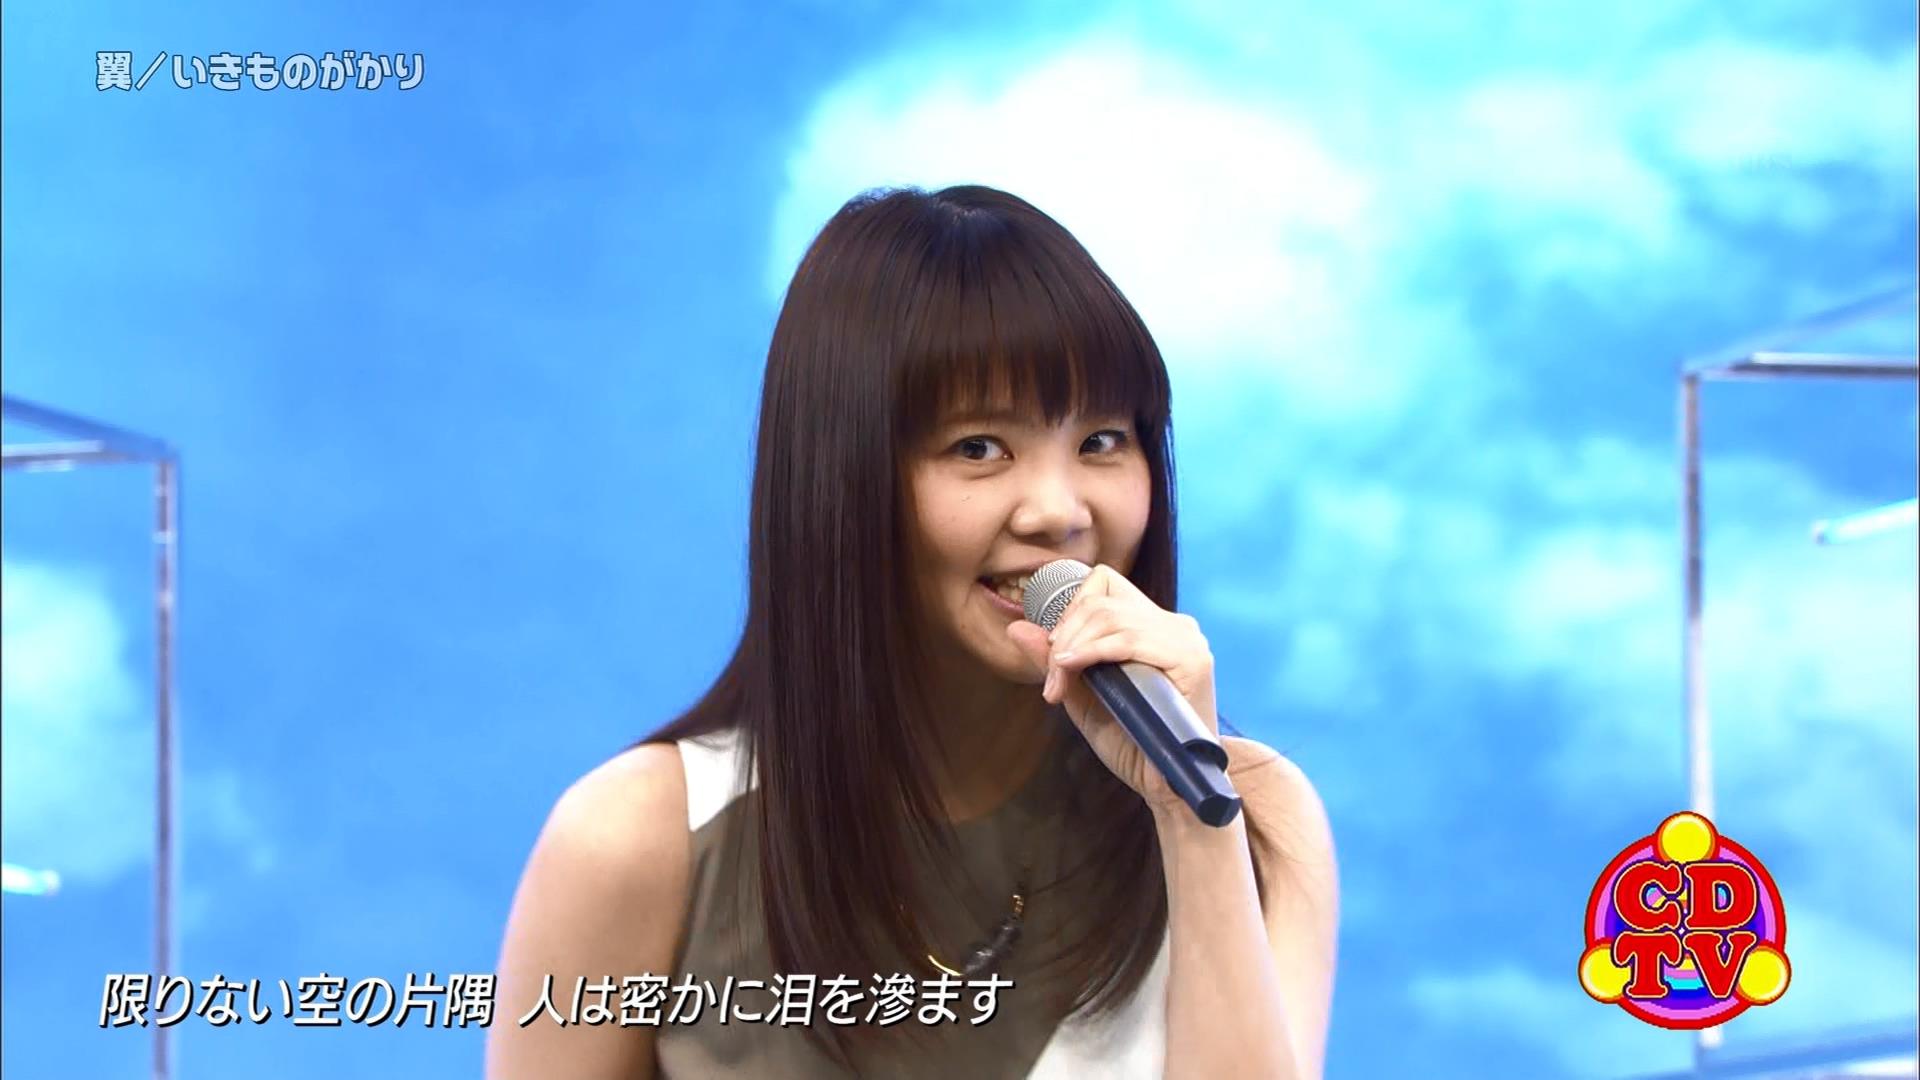 2016.03.19 いきものがかり - 翼(CDTV).ts_20160320_015306.471